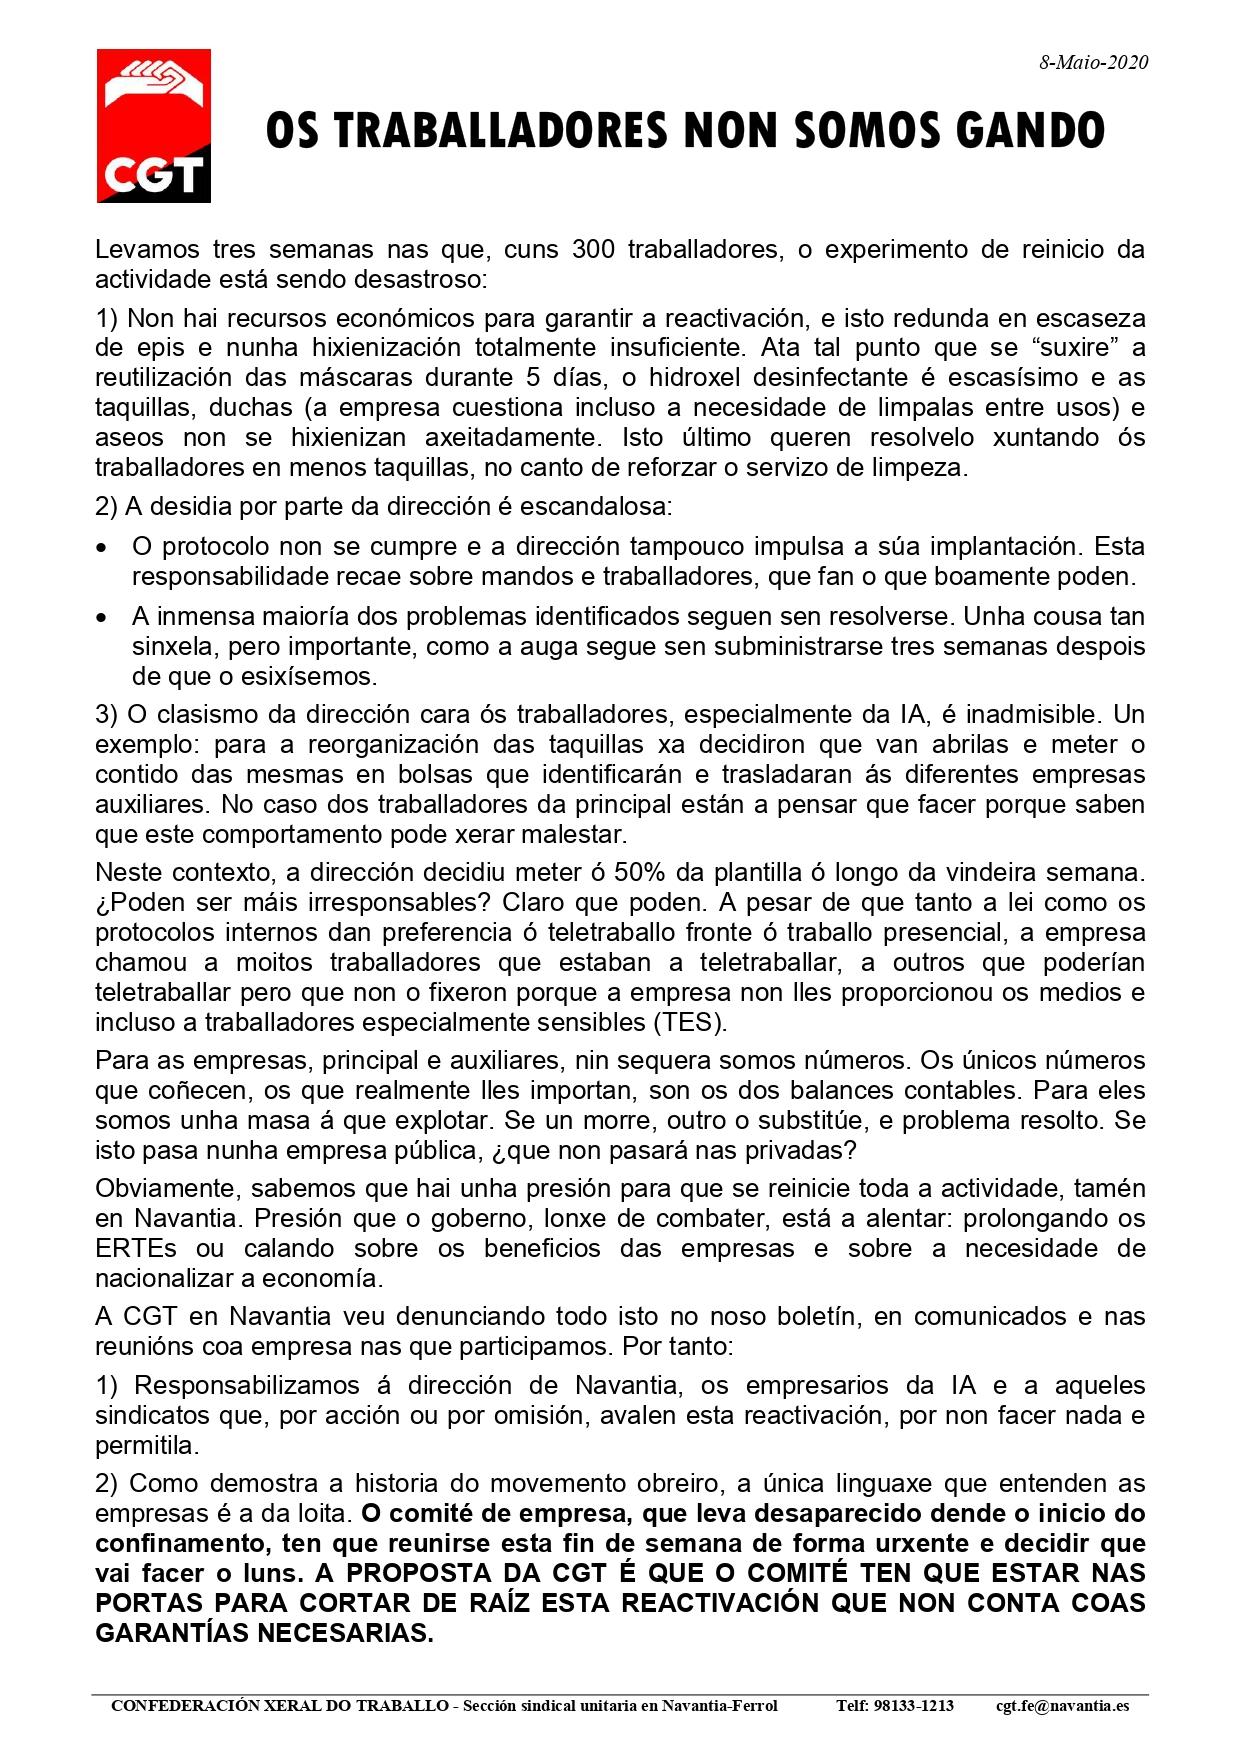 CGT Cartel 2020-05-08 Os traballadores non somos gando_page-0001